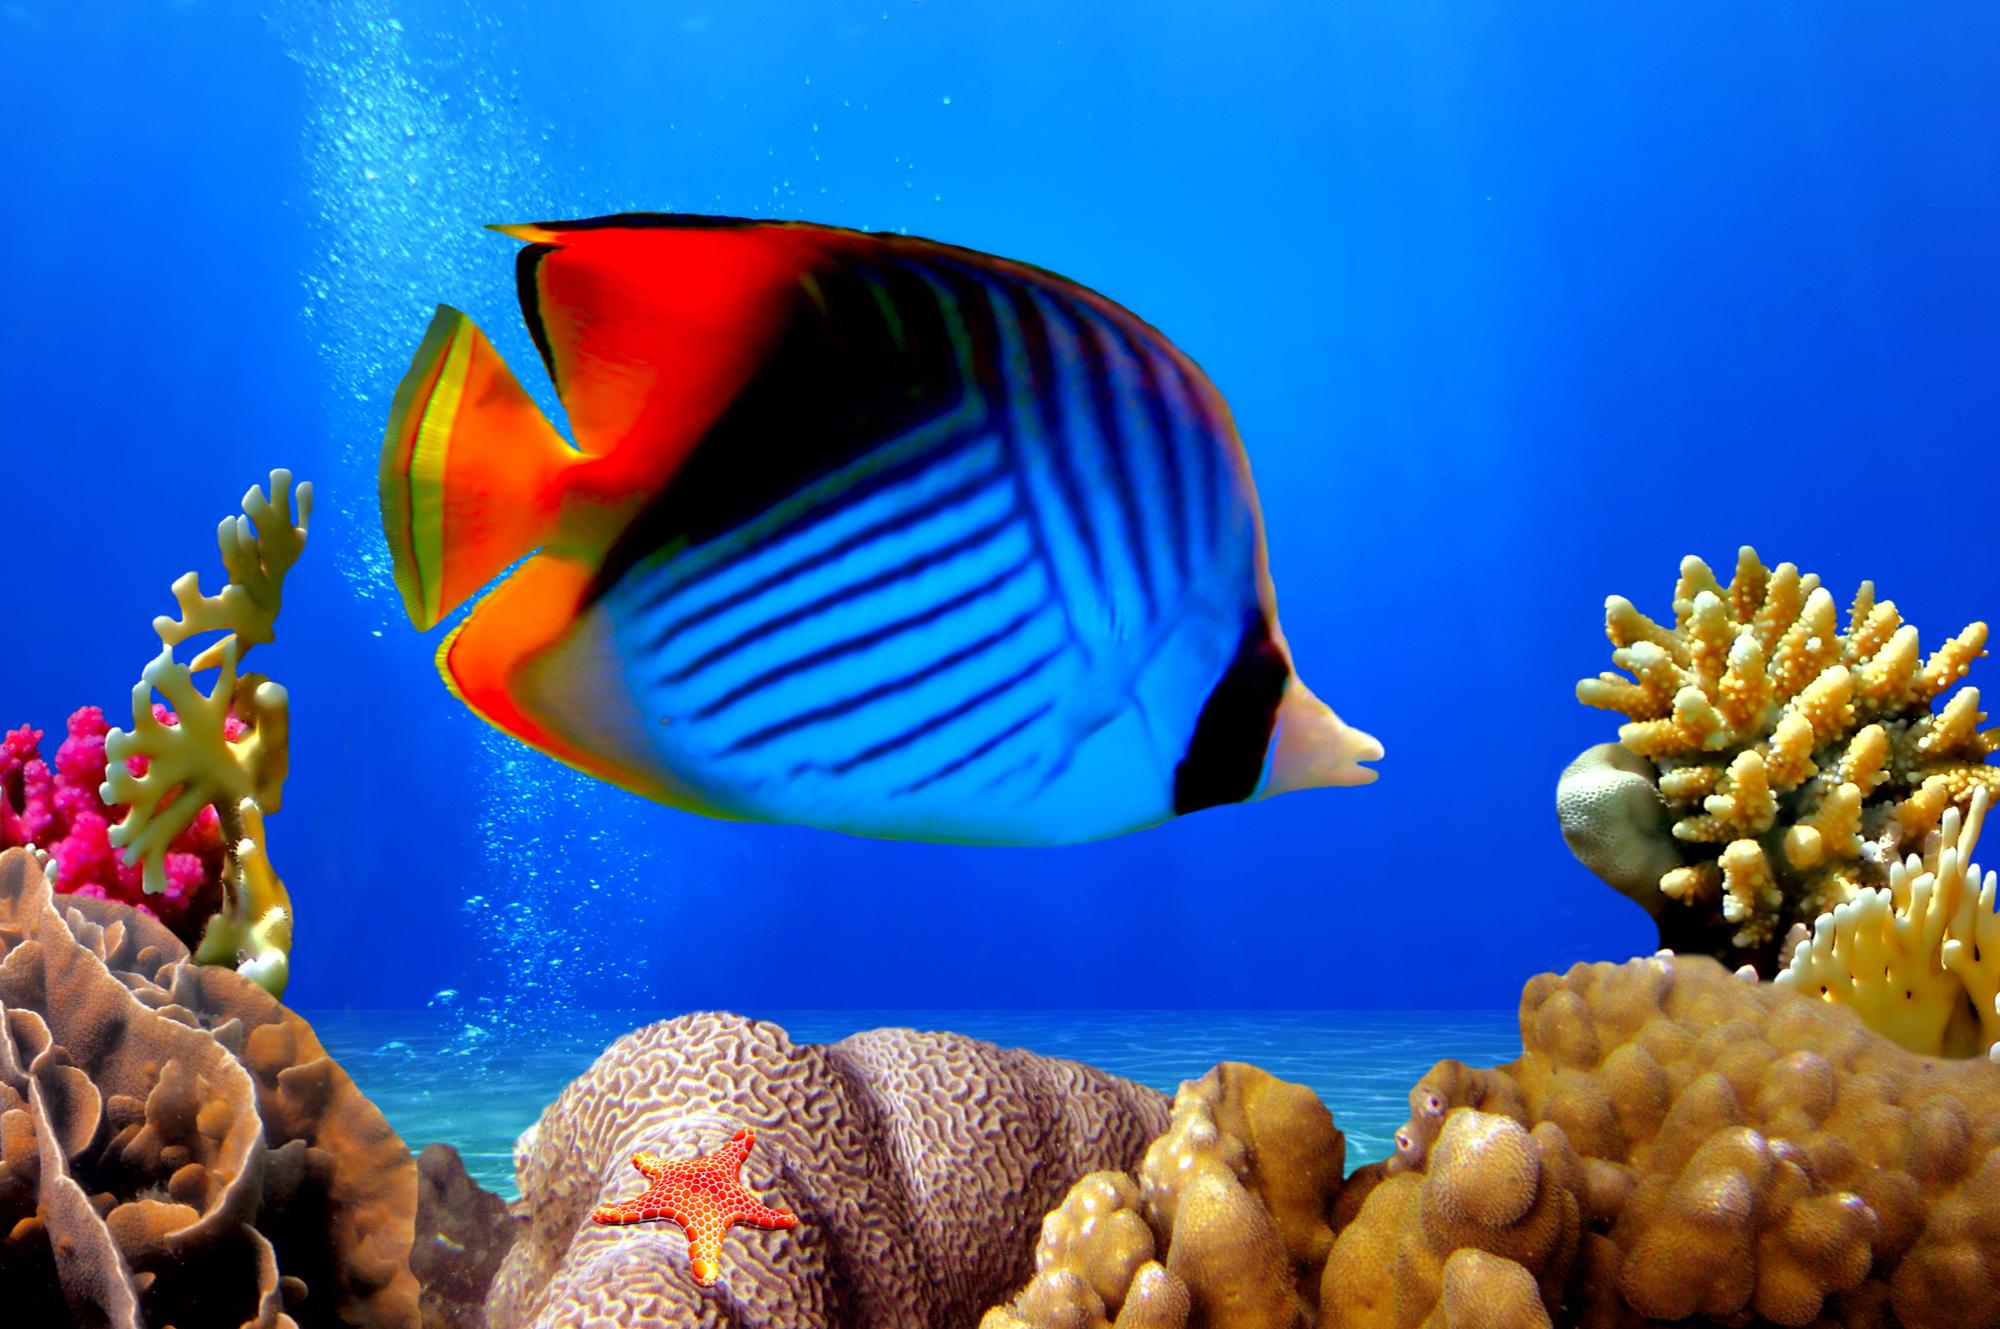 Peixe-borboleta Auriga